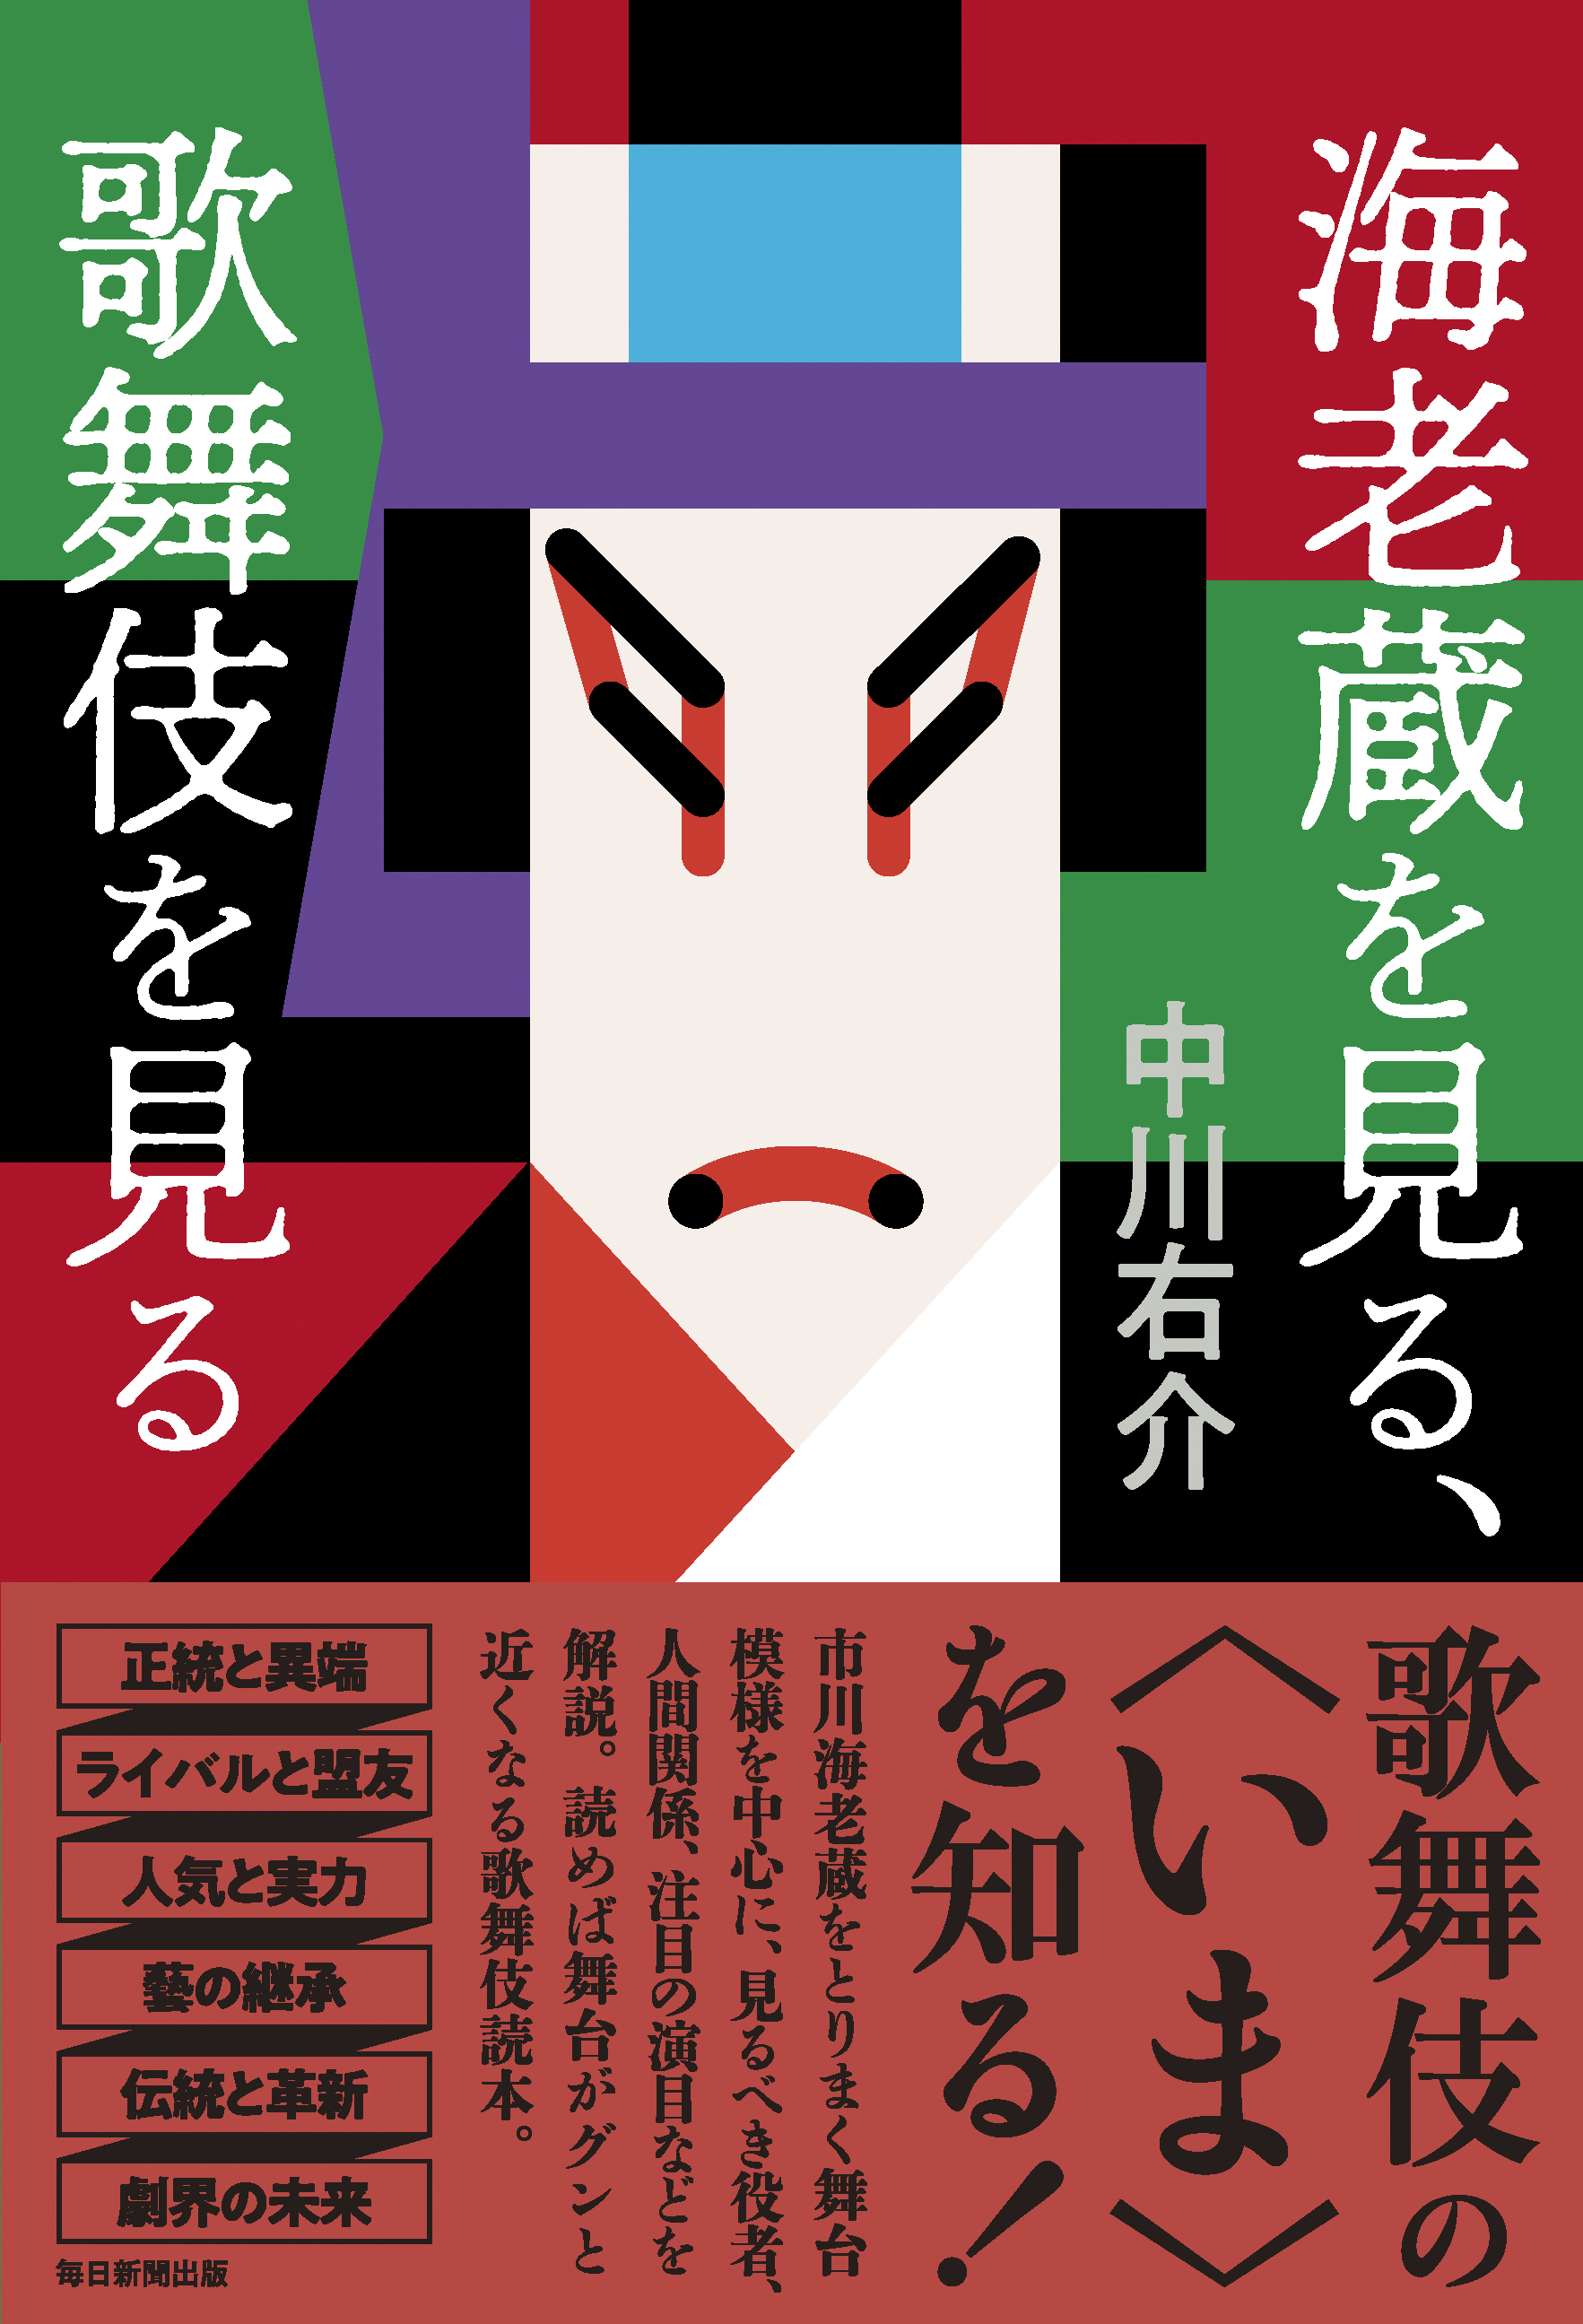 書影:海老蔵を見る、歌舞伎を見る